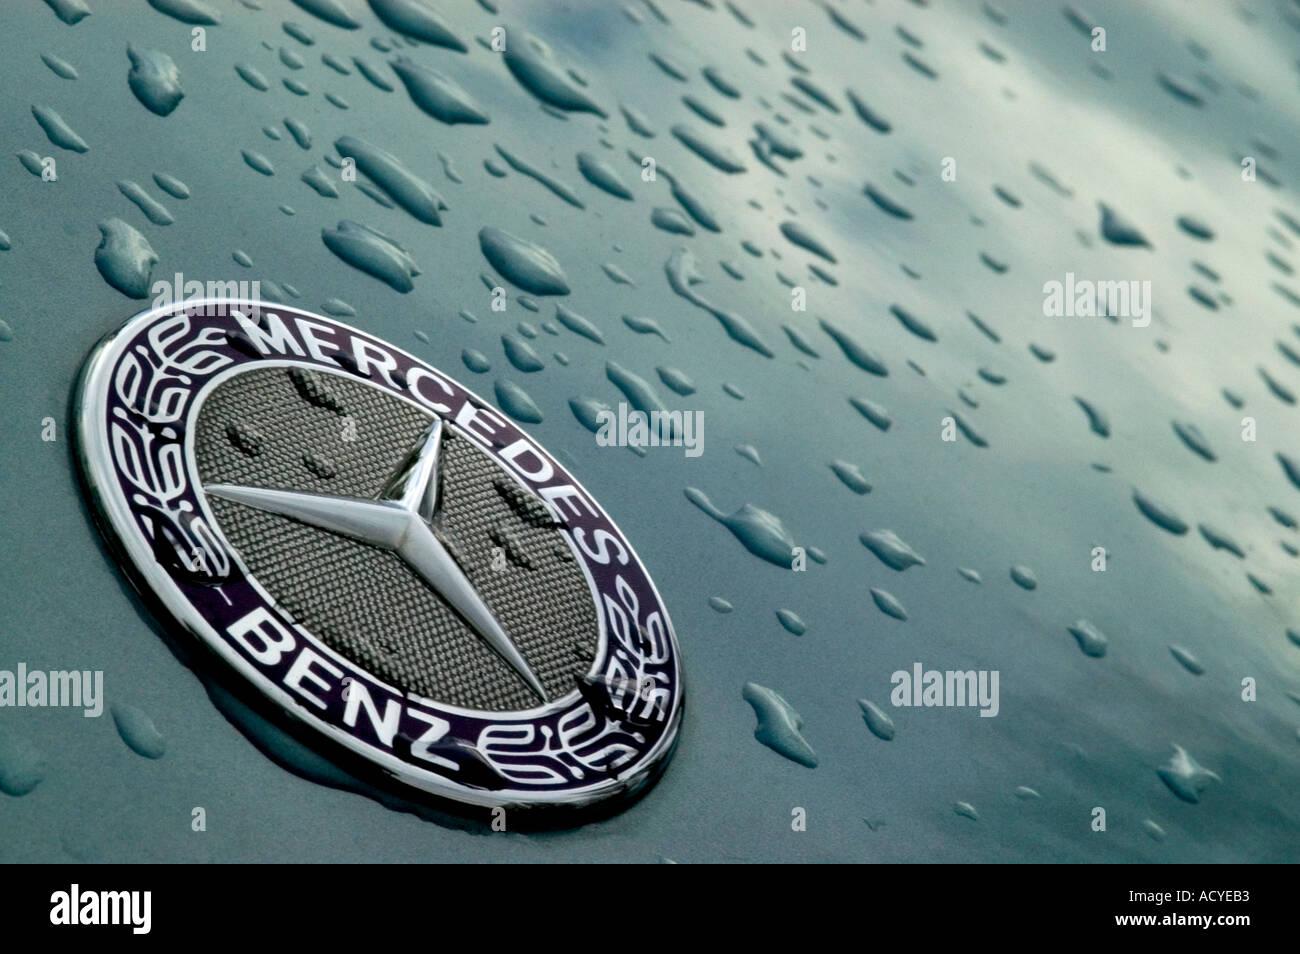 mercedes benz car symbol shine stock photos mercedes benz car